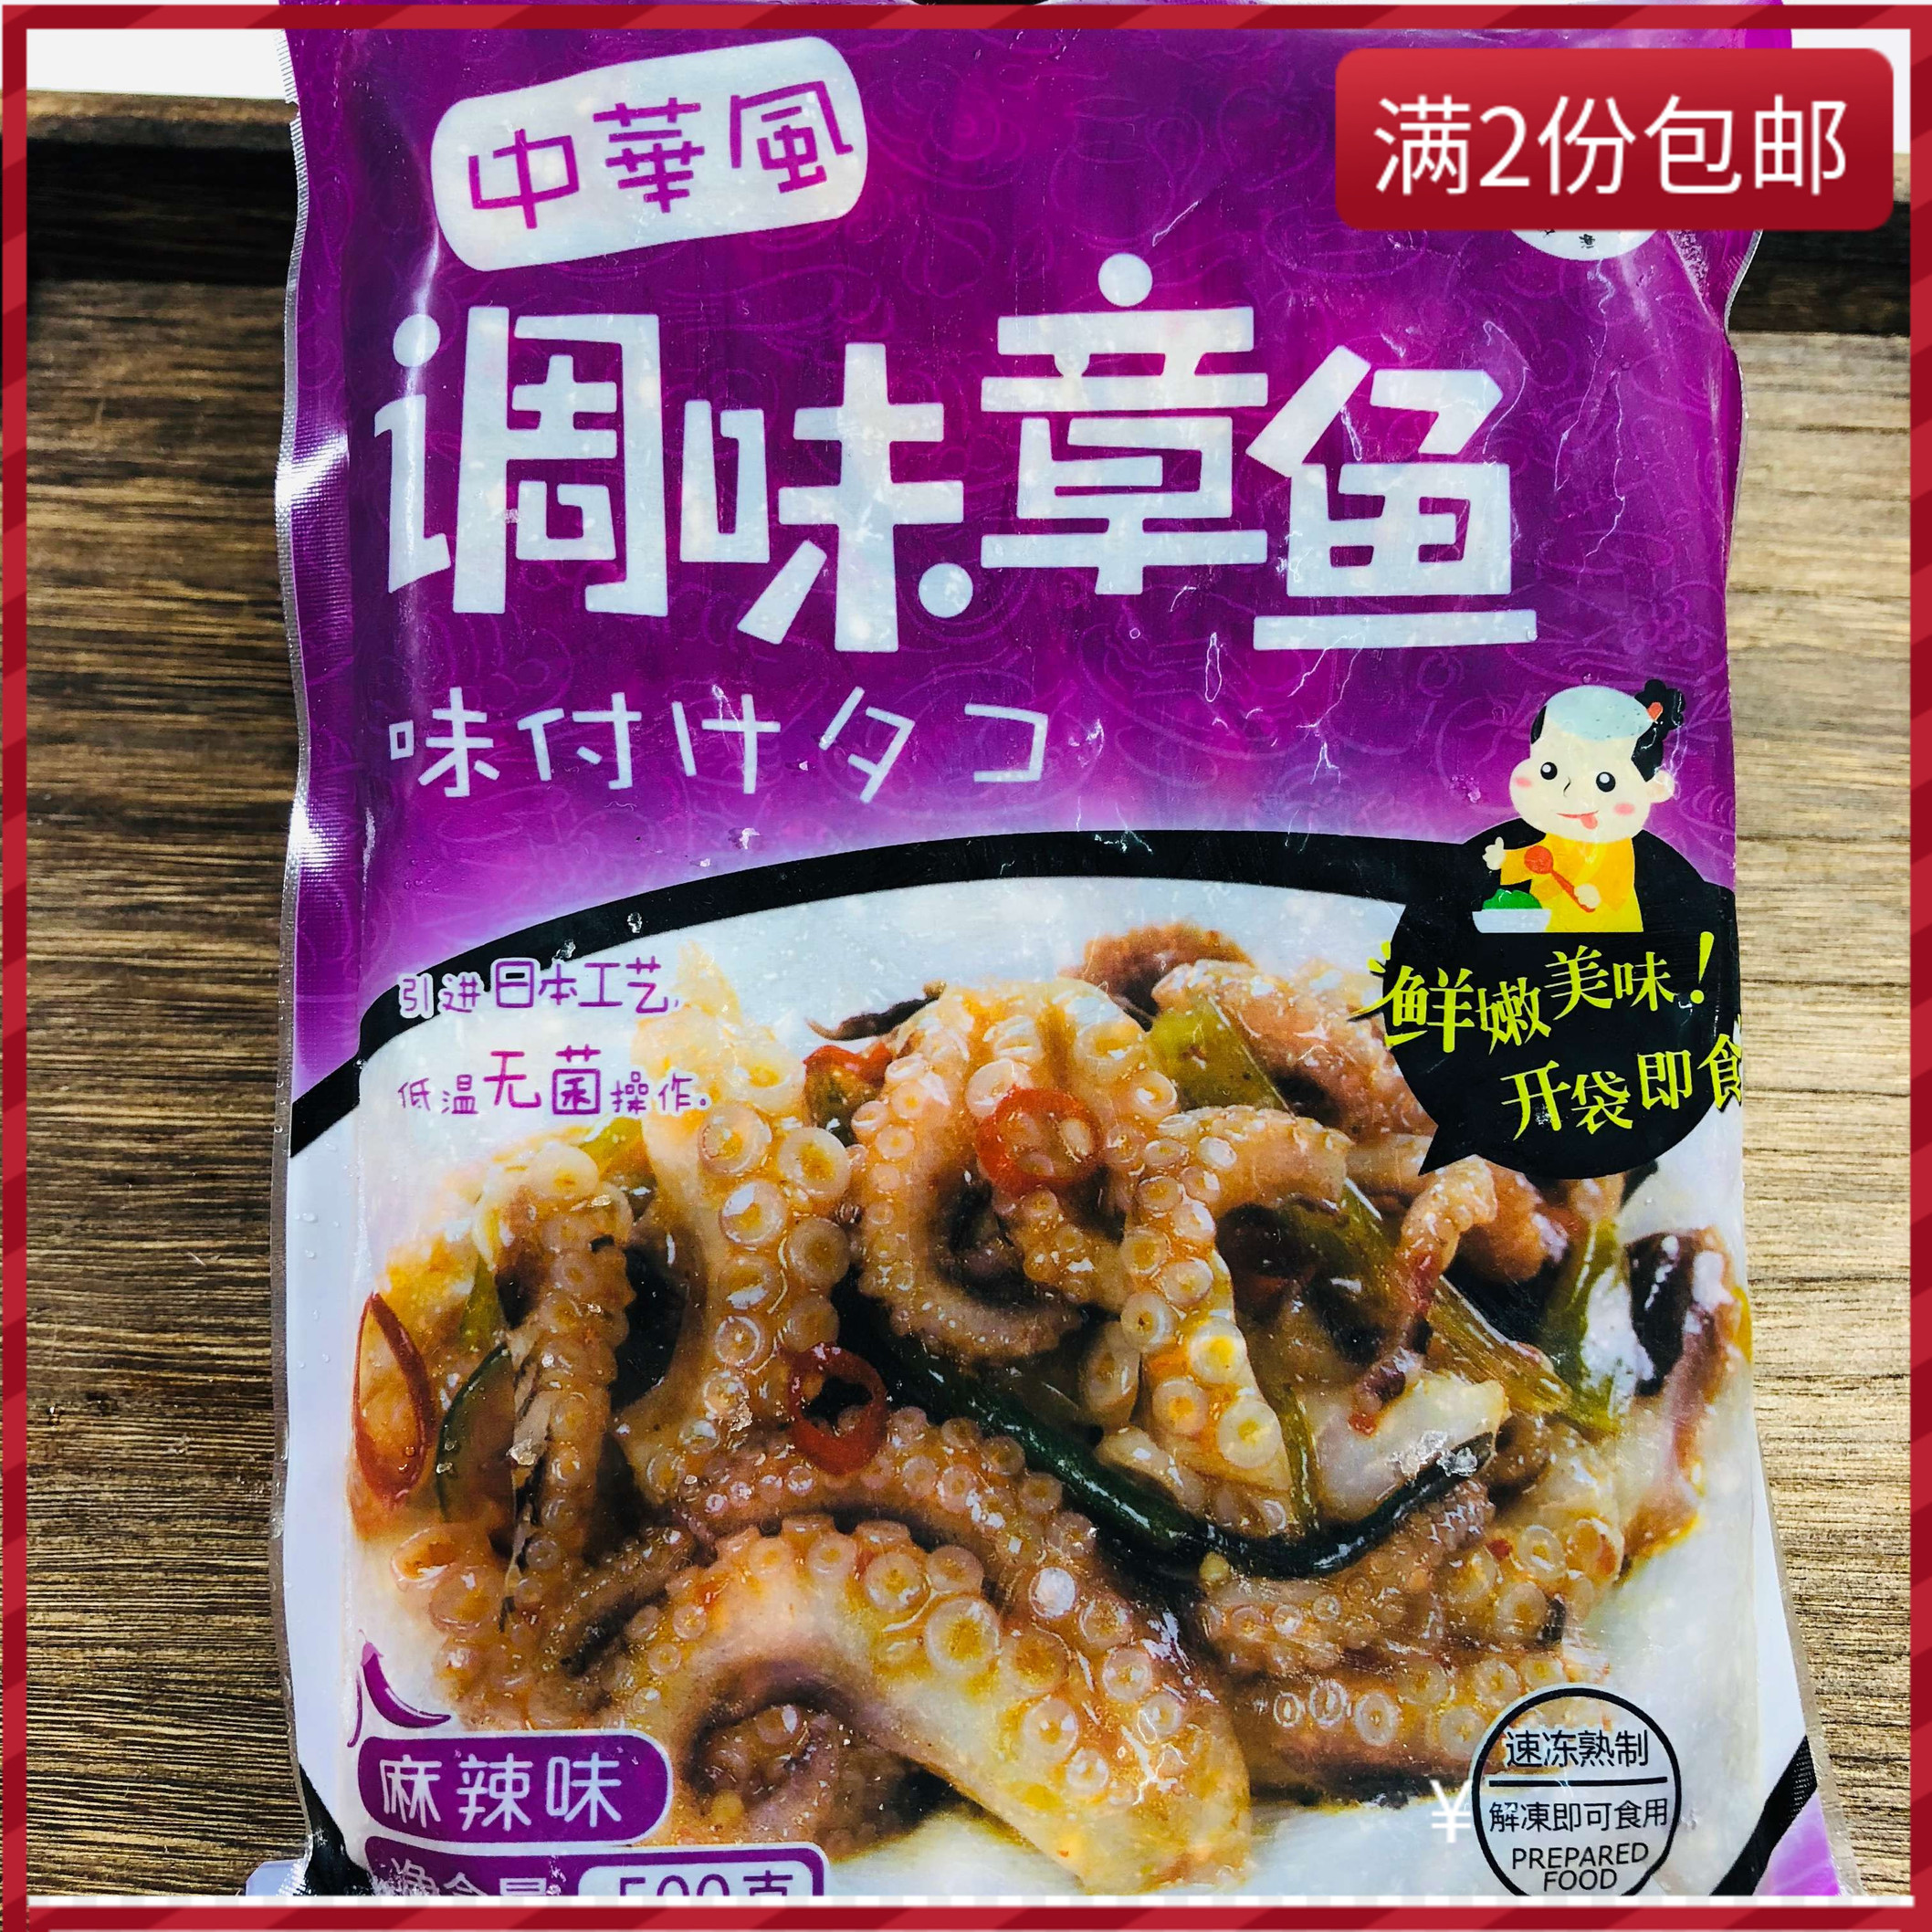 好渔郎即食麻辣调味章鱼500g铁板鱿鱼须鱿鱼足大连特产海鲜零食